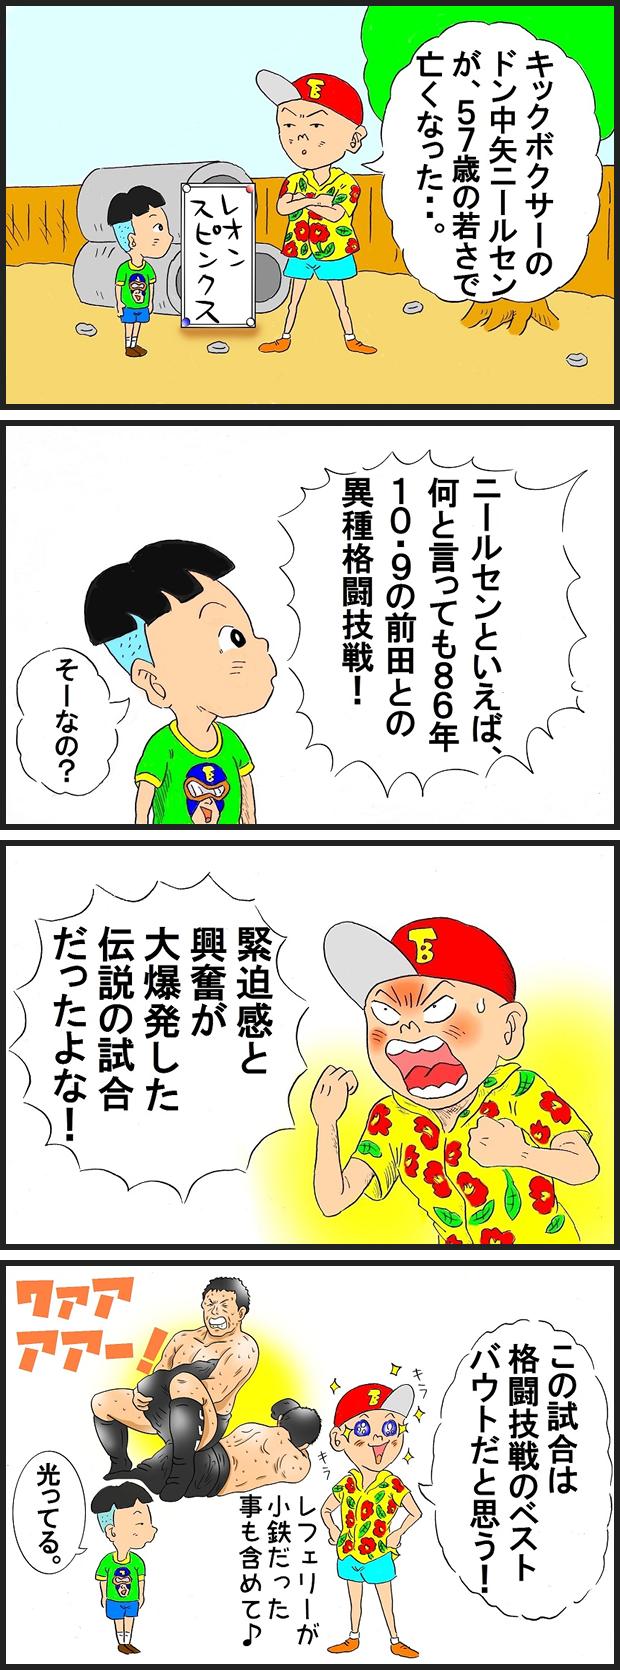 482 ドン中矢ニールセン